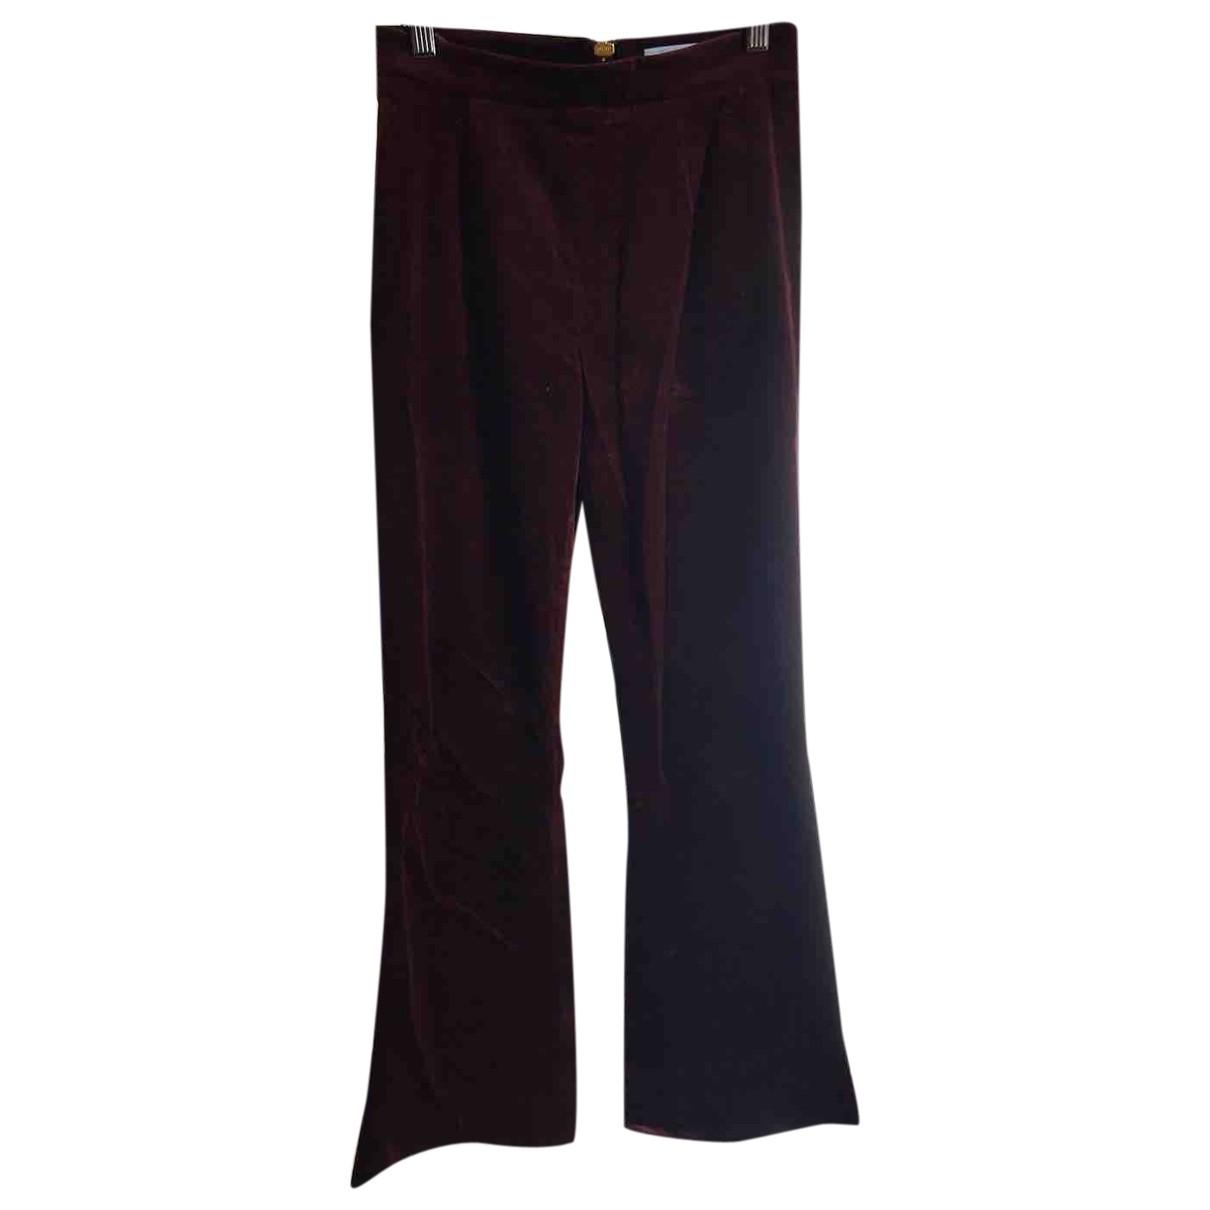 Pantalon de Terciopelo Pierre Balmain